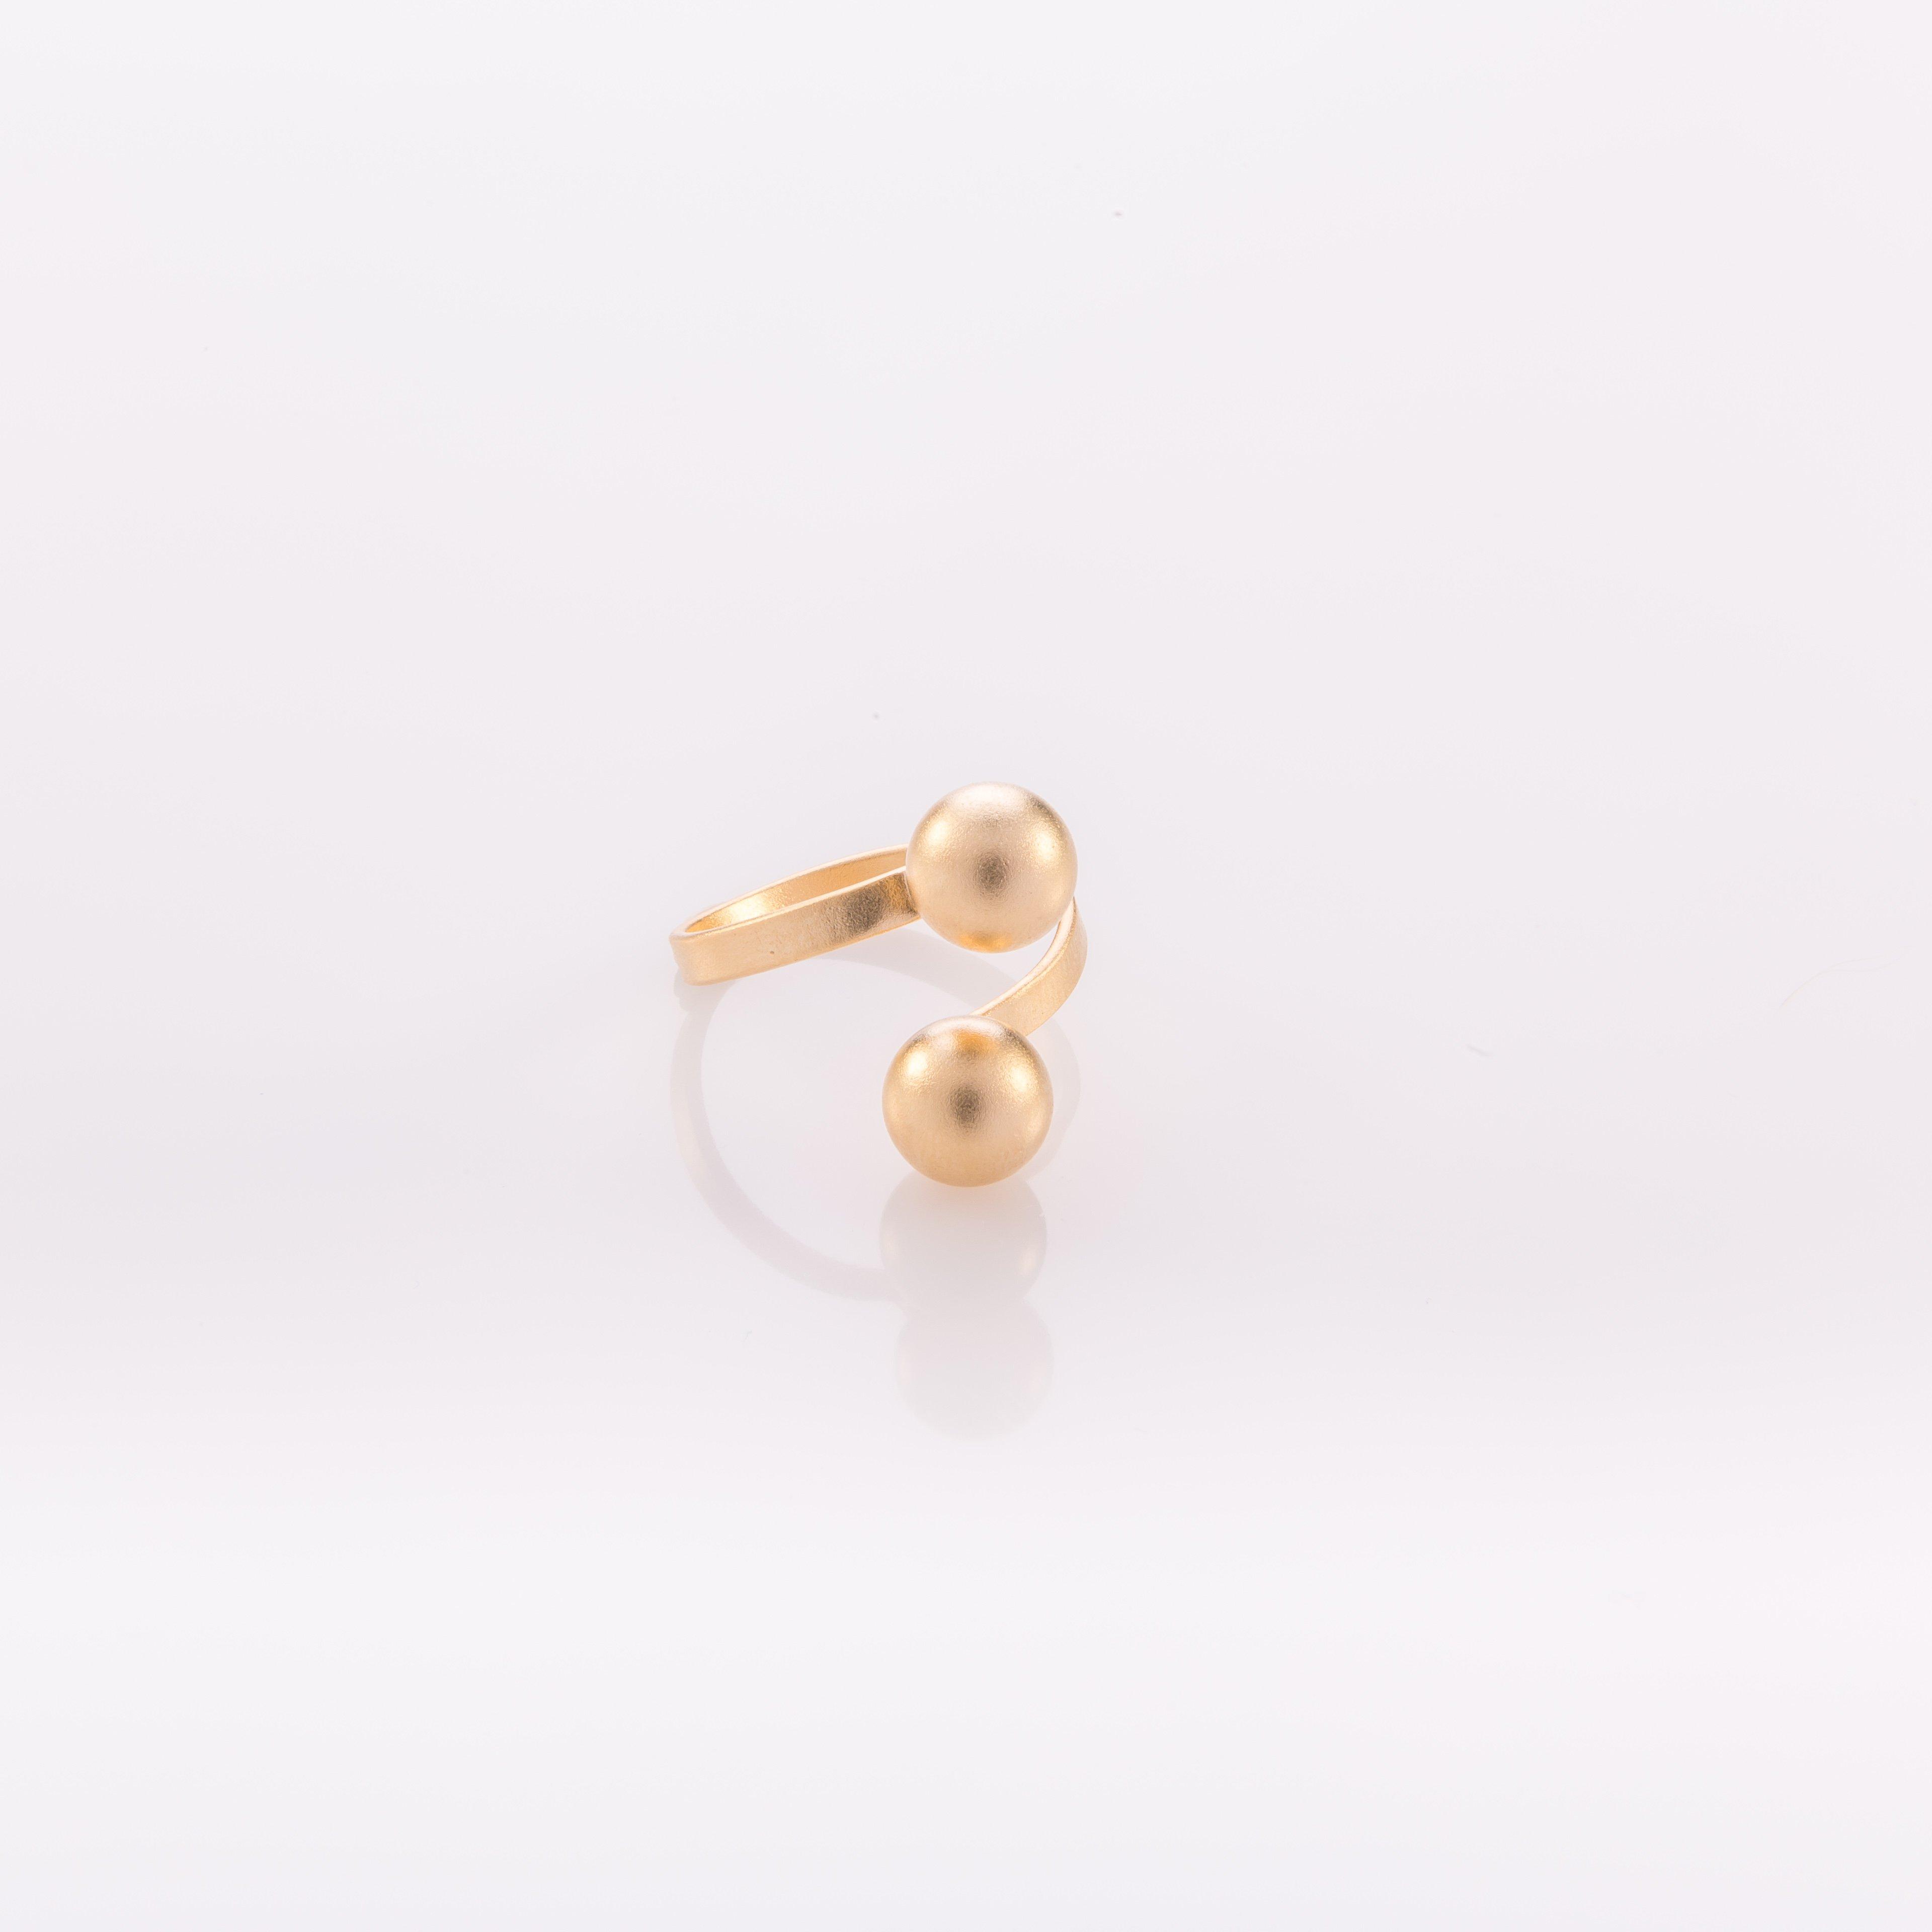 טבעת פתוחה עם שני כדורים